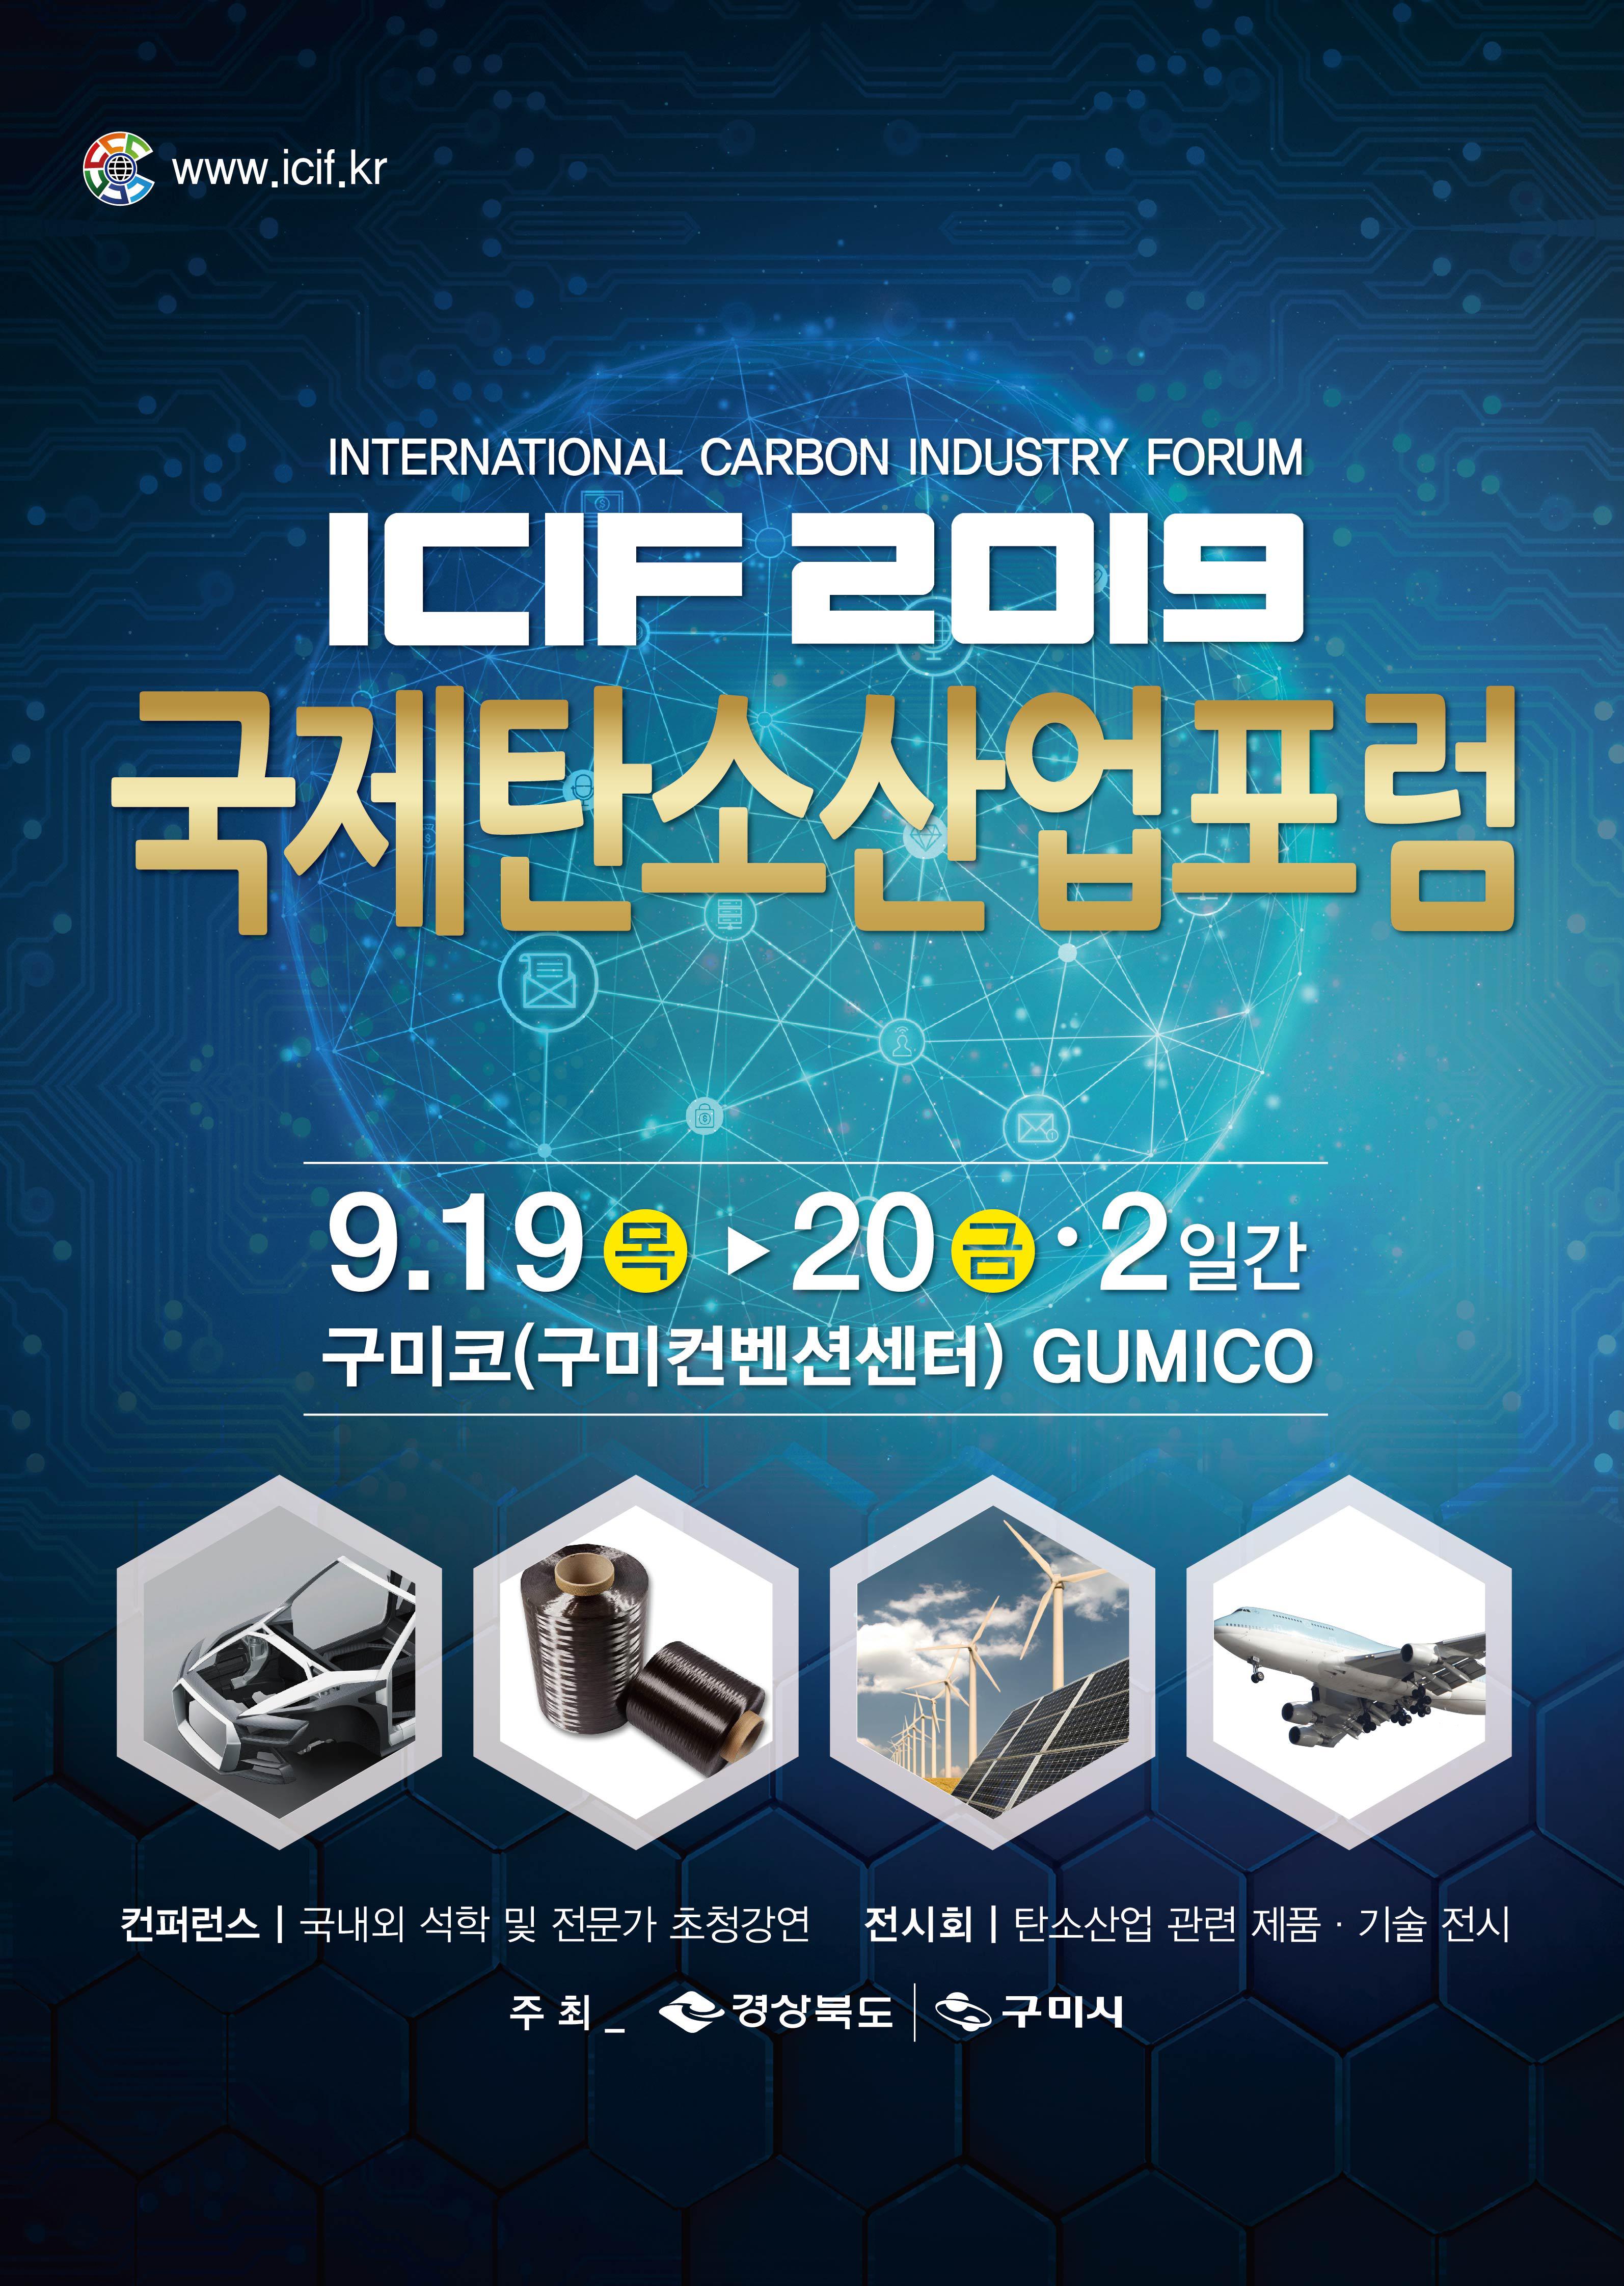 2019 국제탄소산업포럼(ICIF2019)